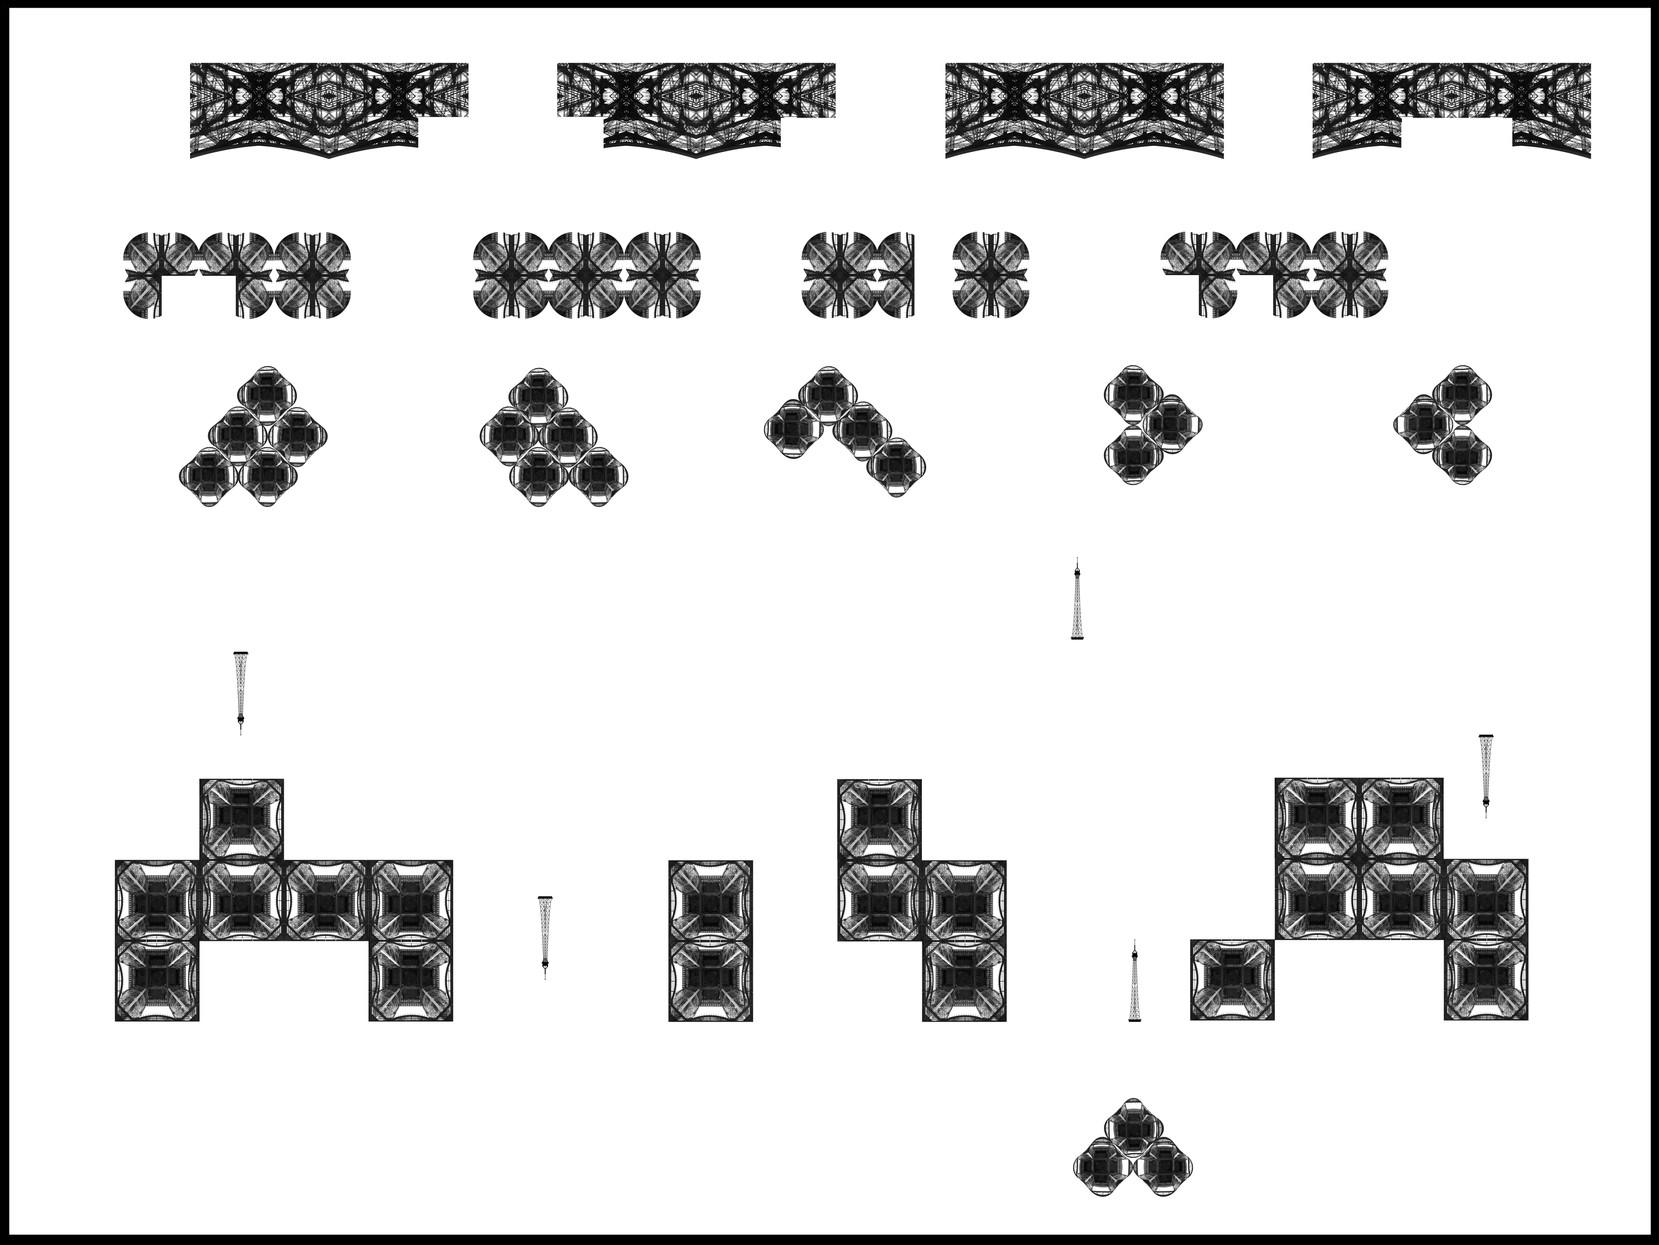 Space invaders3.jpg